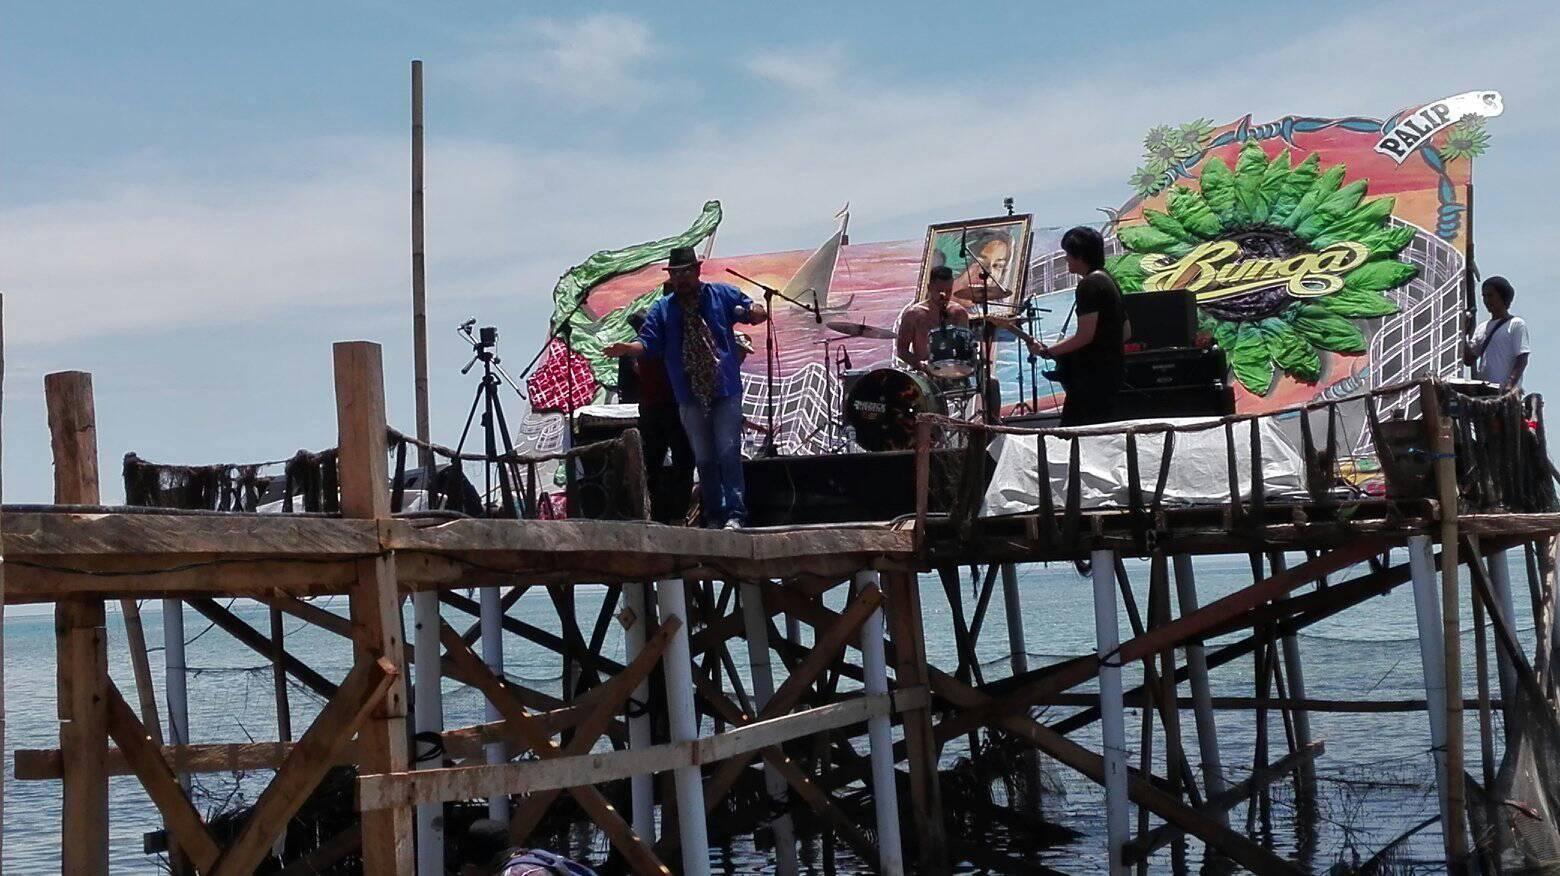 Bunga Band Hibur Pengunjung Pantai Palippis Fokus Metro Sulbar Polman